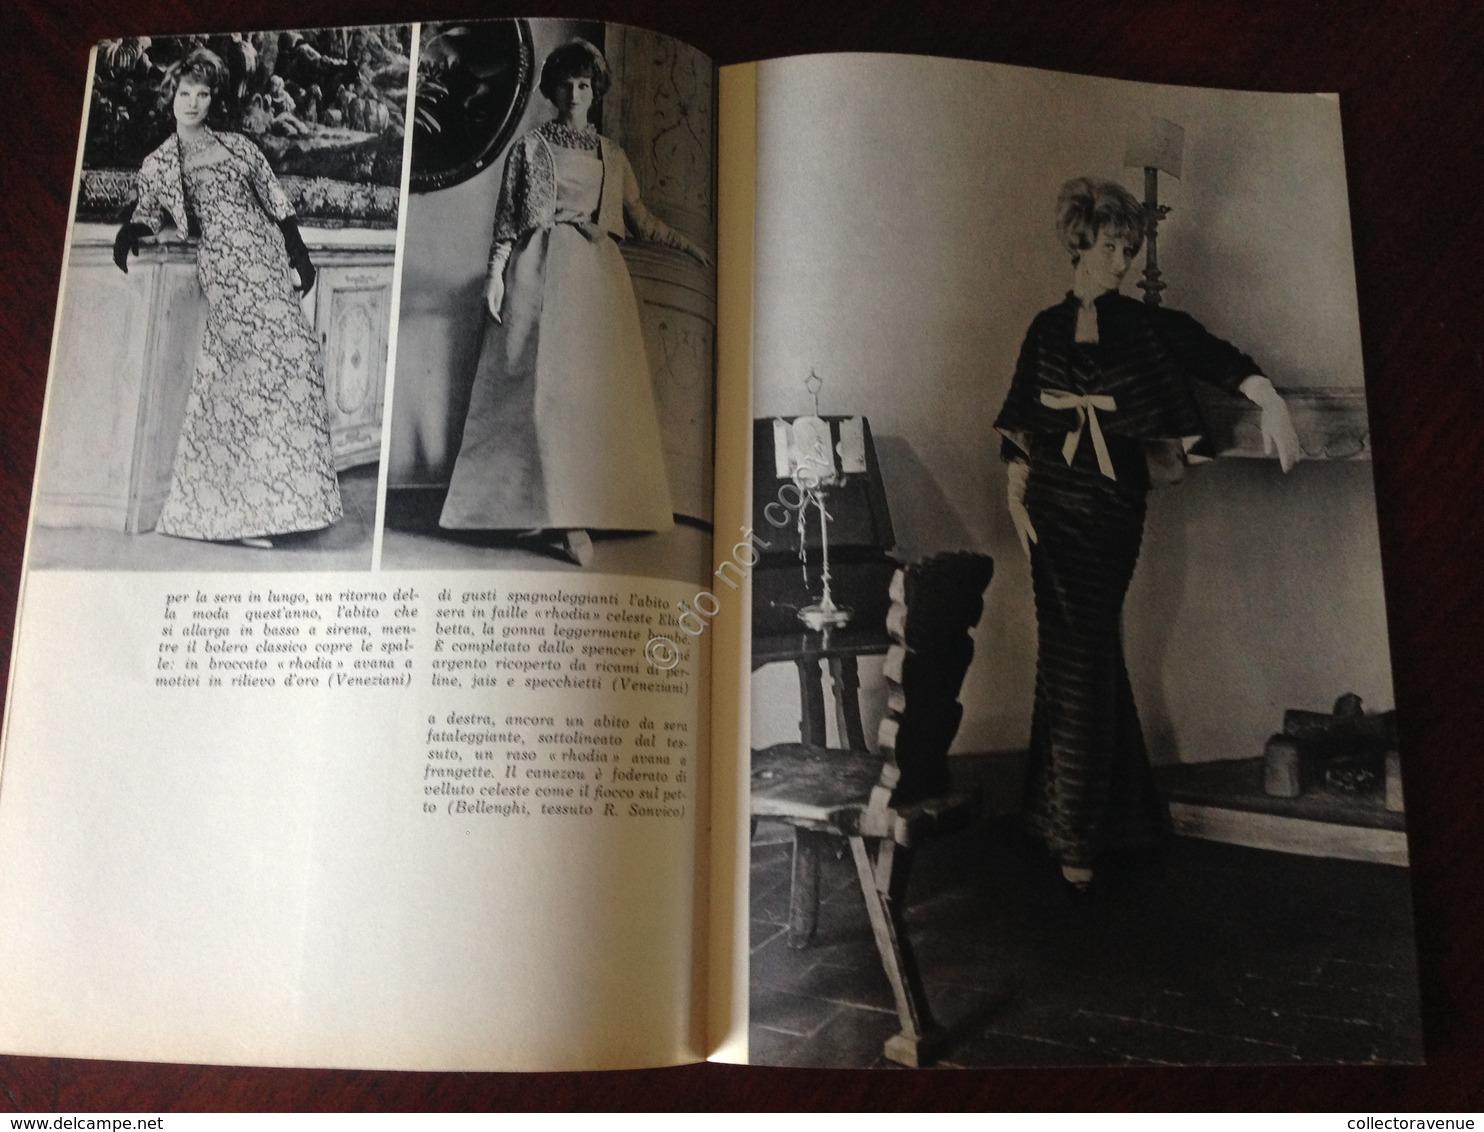 Rhodiatoce Nailon Terital Quaderno Della Moda Autunno Inverno 1961/1962 - Pubblicitari